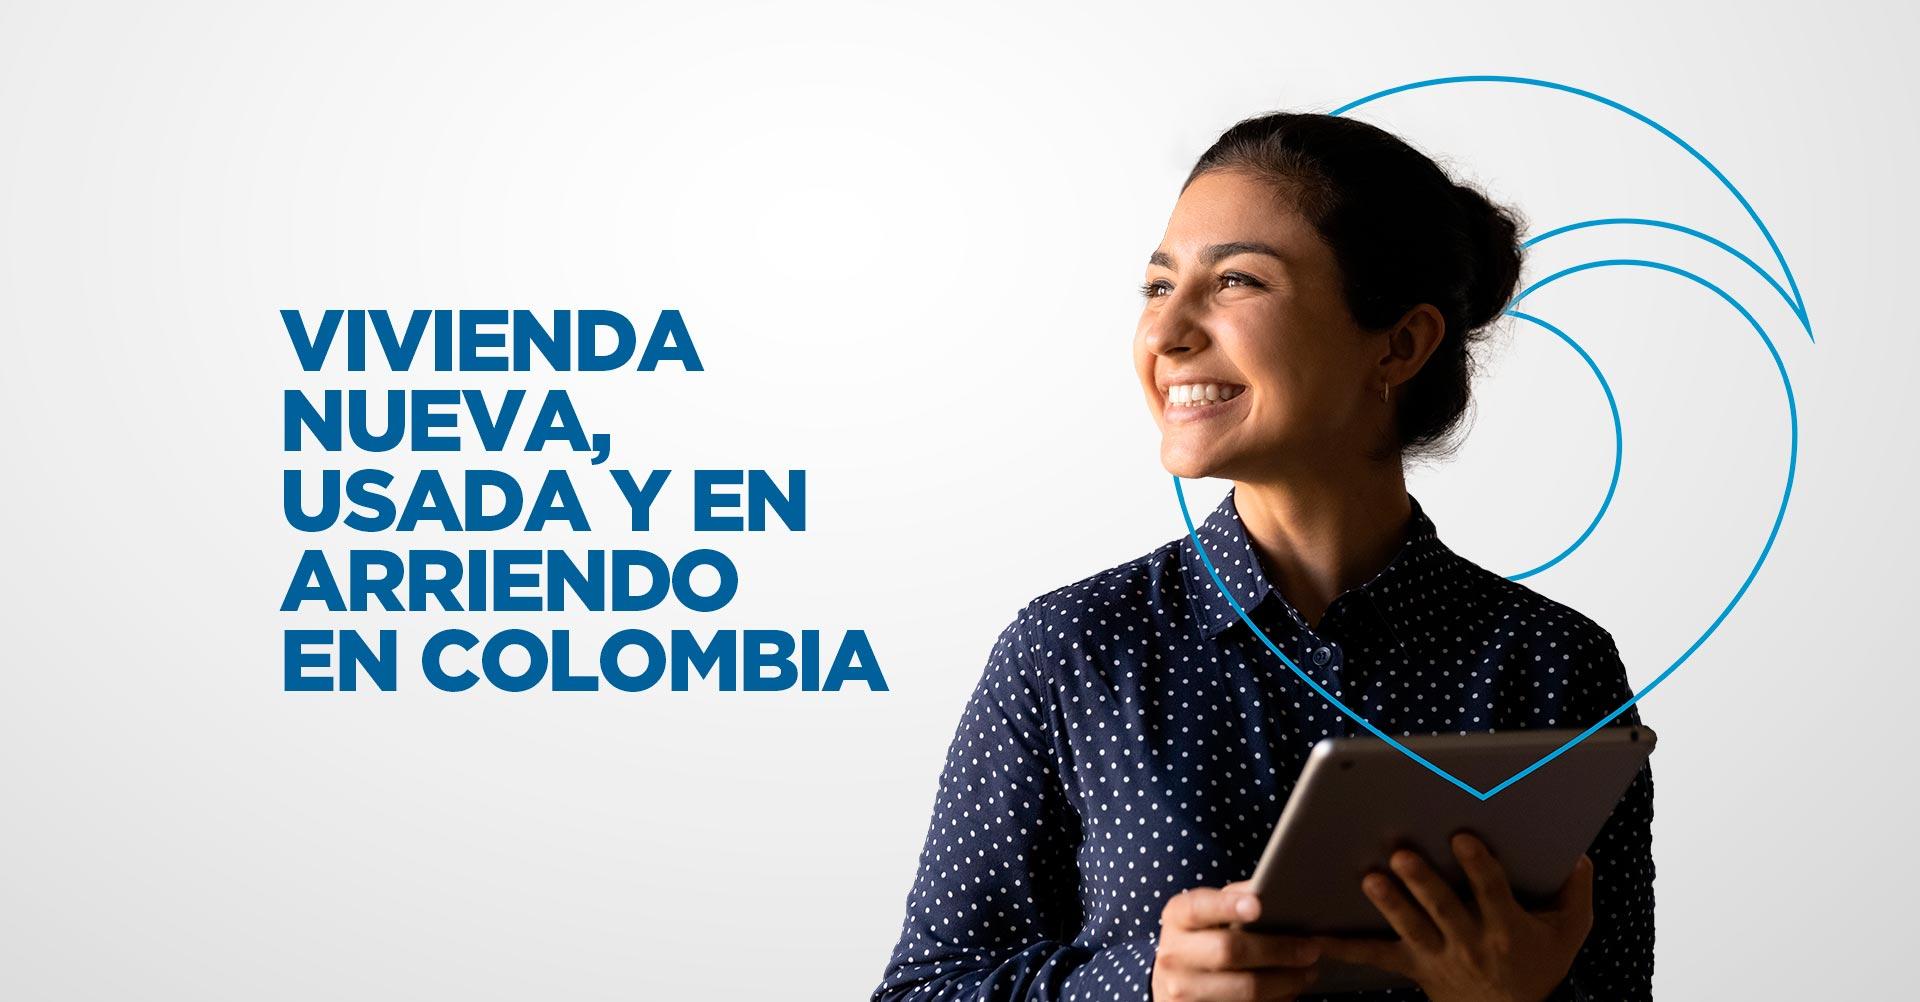 Vivienda nueva, usada y en arriendo en Colombia